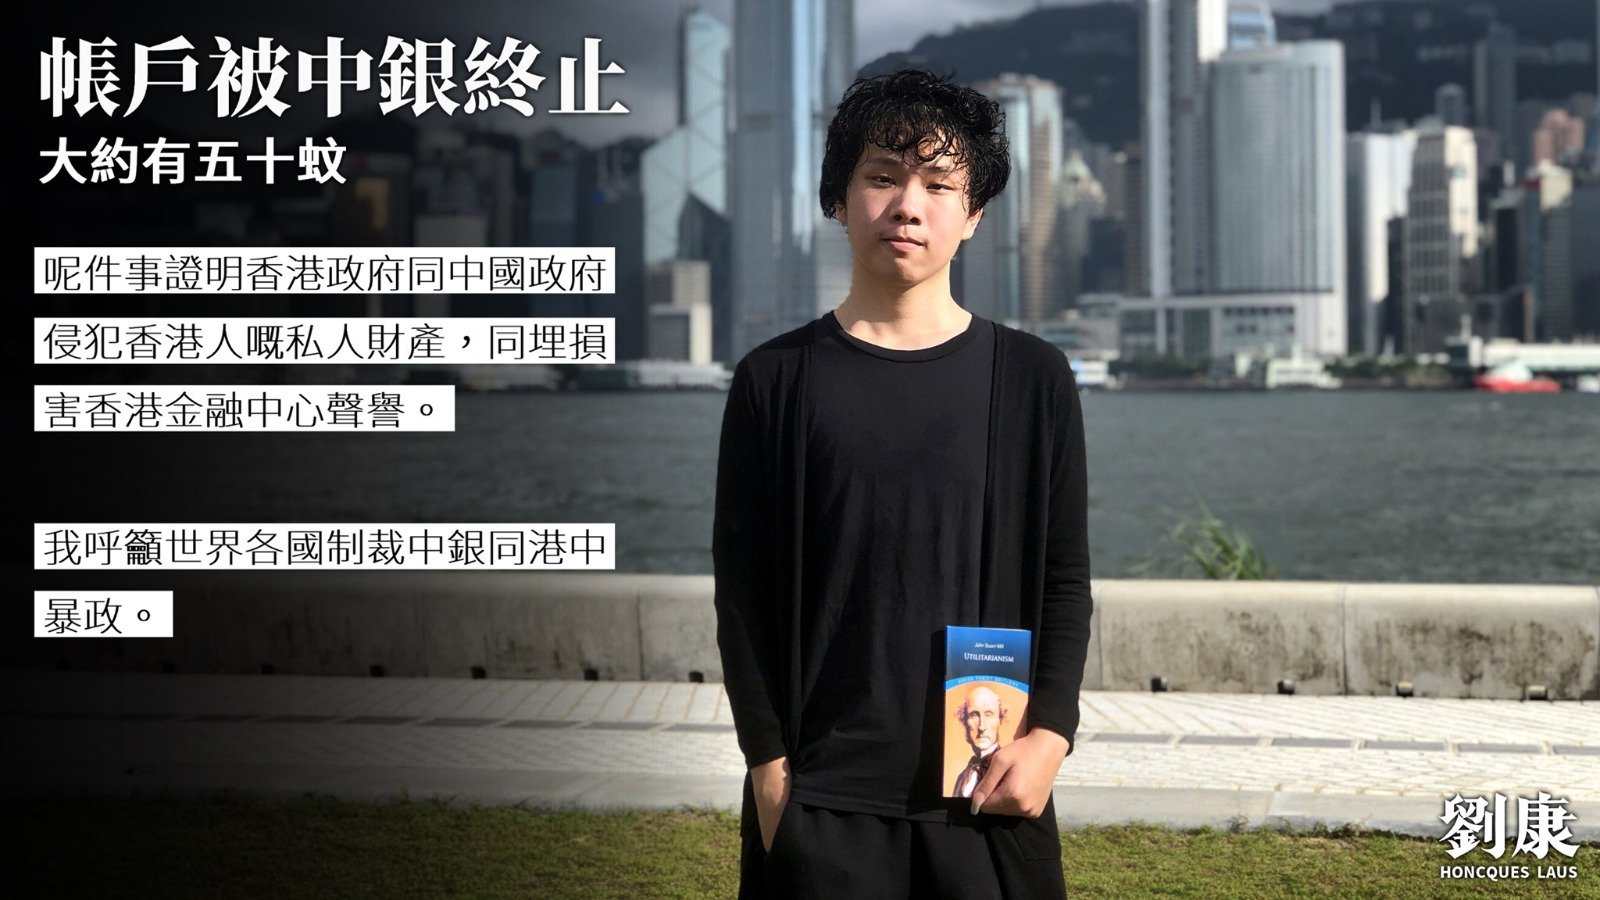 流亡英國的香港效益主義黨主席劉康在社交媒體上透露,存款僅約50港元的中國銀行戶口日前遭終止。(劉康Facebook)